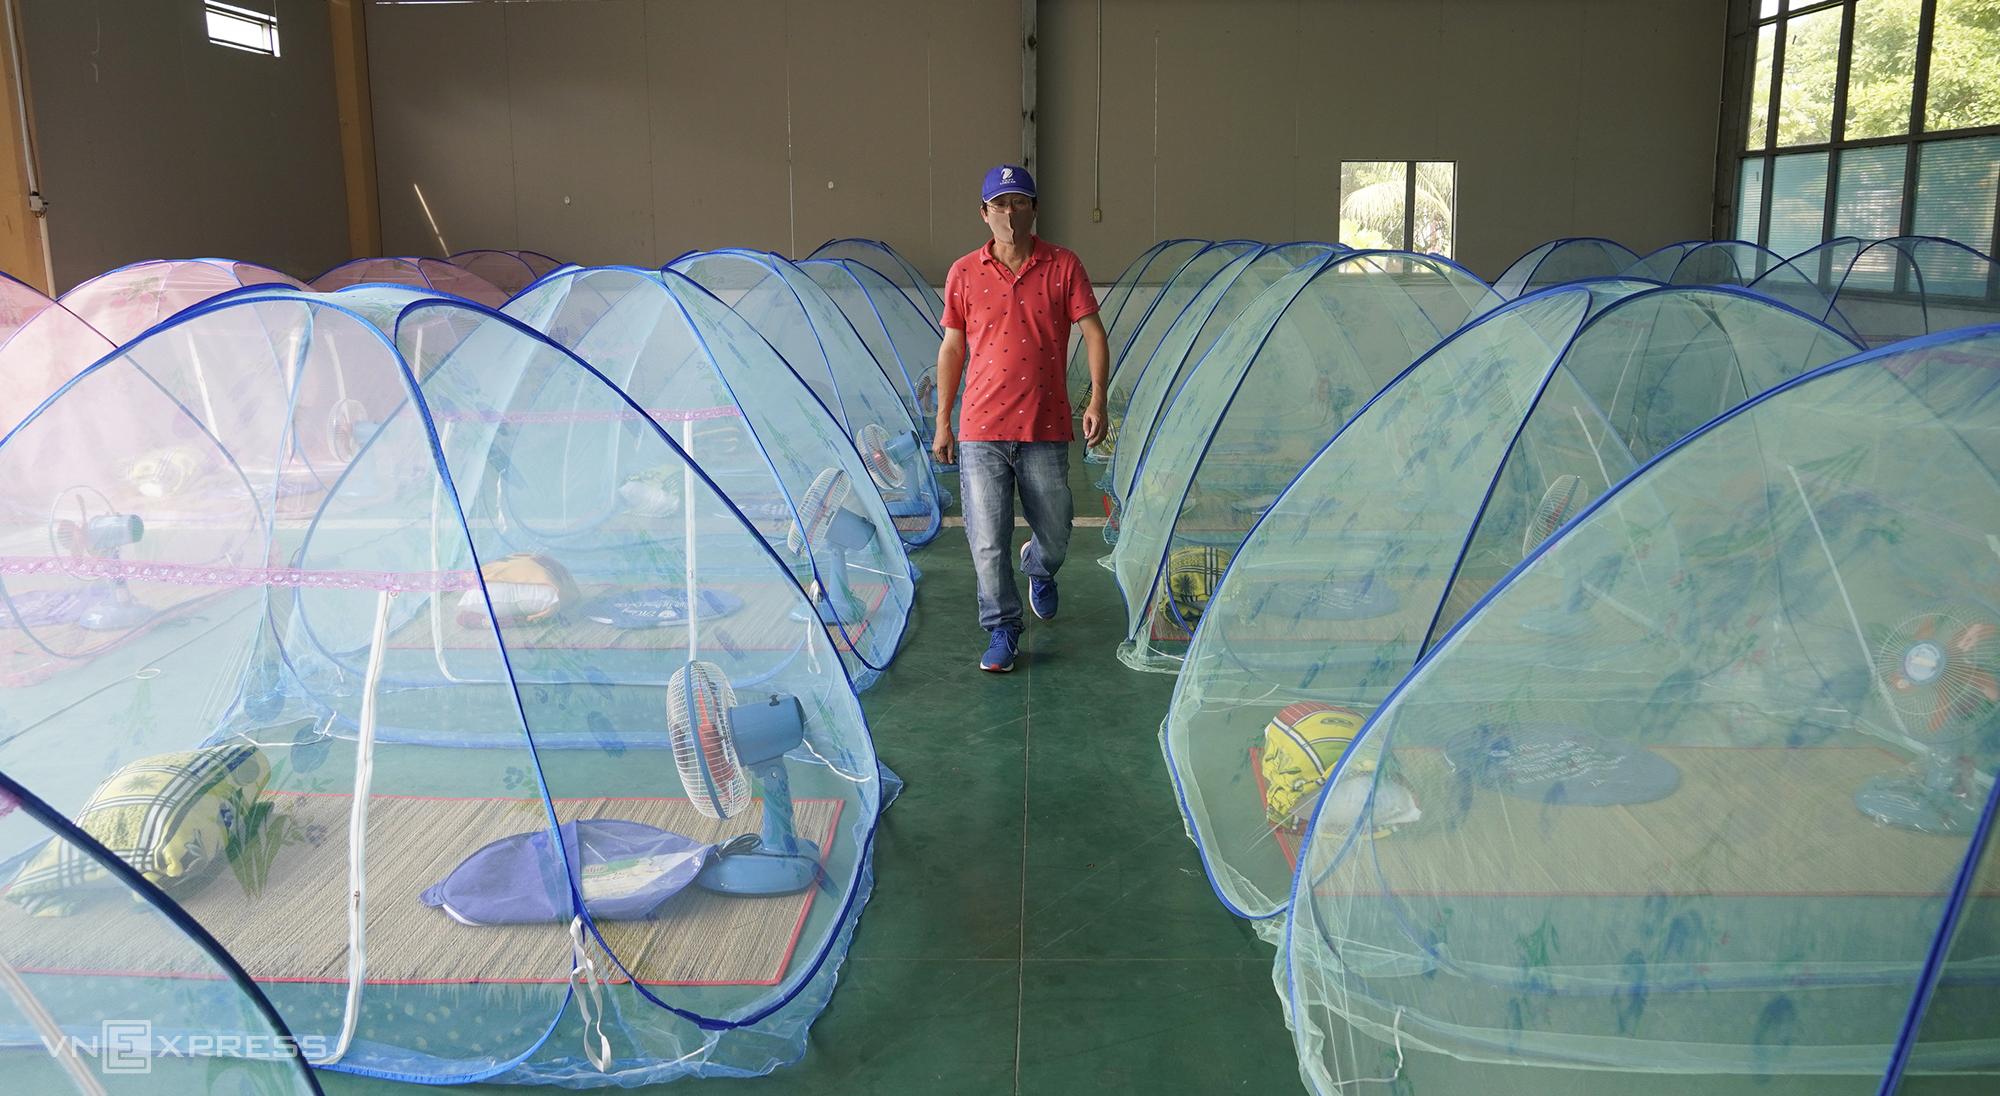 Khu vực cho công nhân ngủ tại một công ty may mặc ở miền Tây. Ảnh: Hoàng Nam